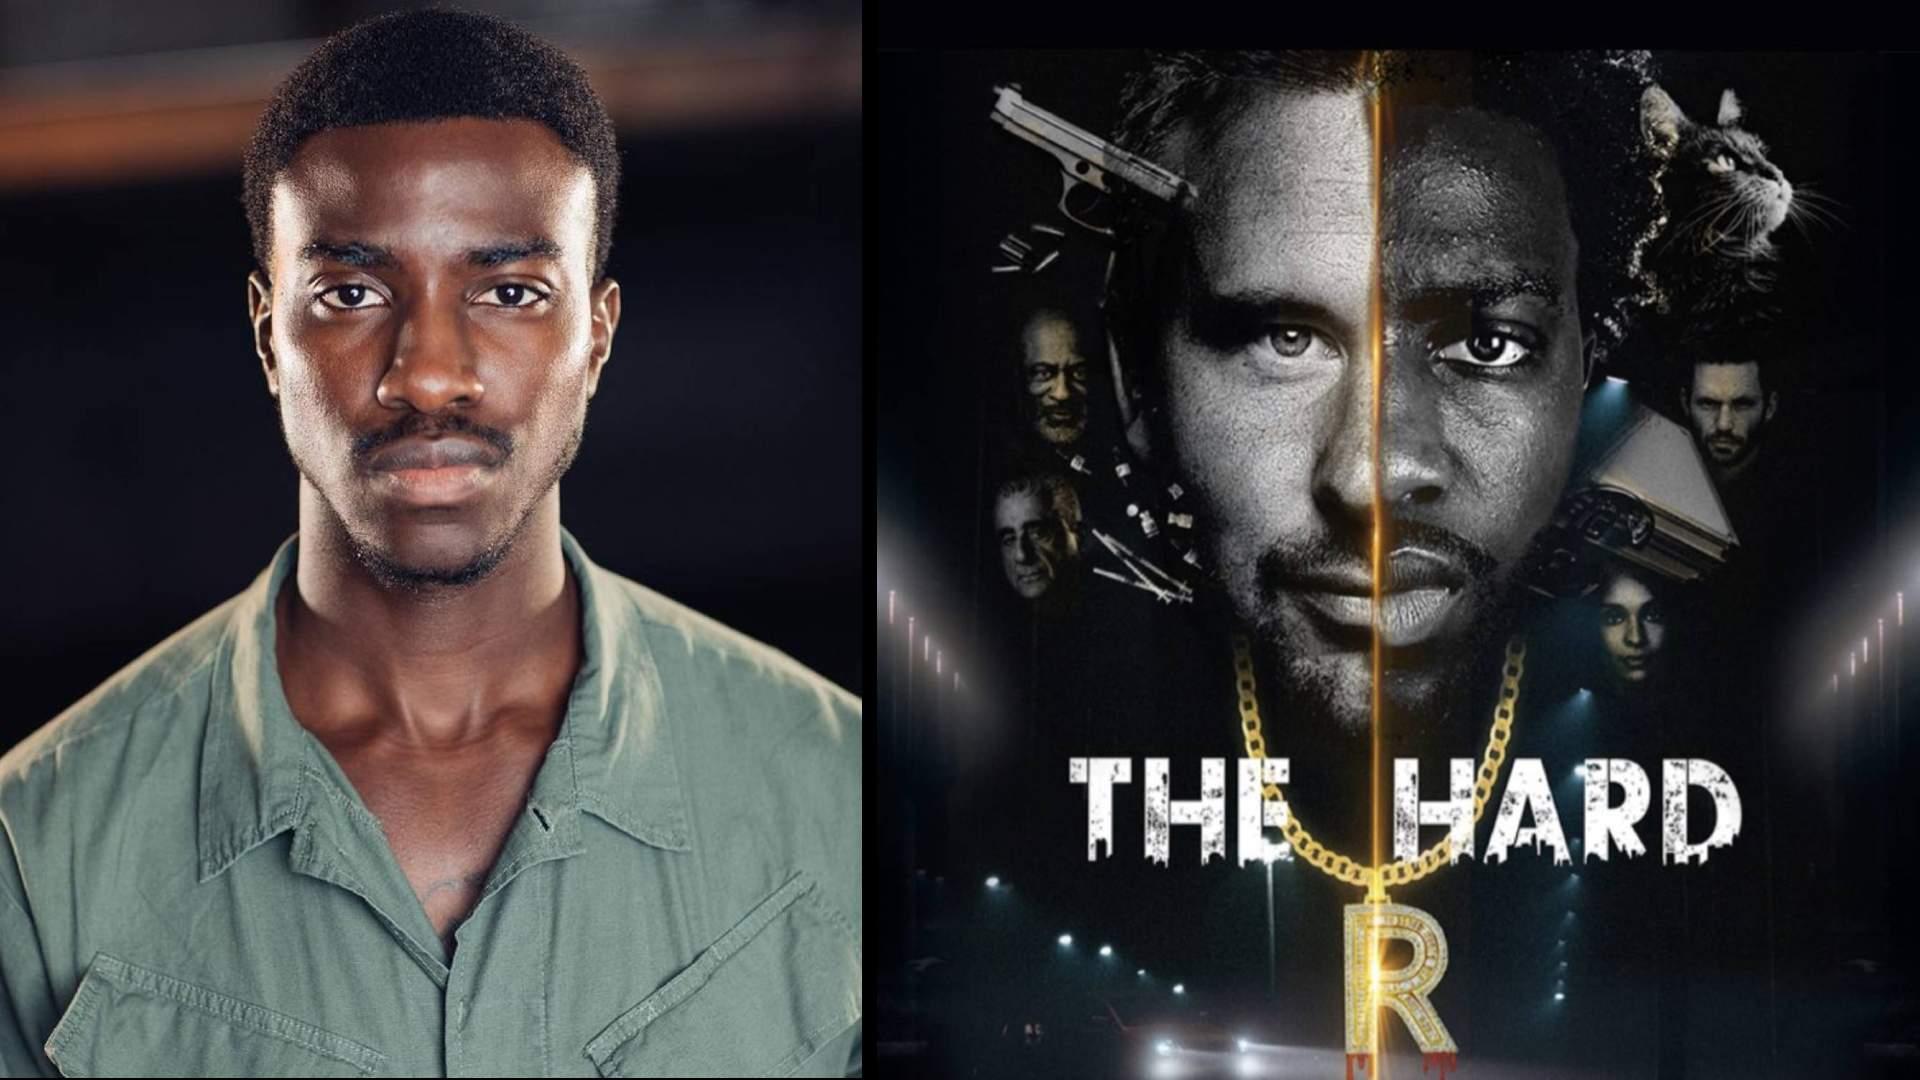 EXCLUSIVE NEWS & LATEST FILM PROJECTS ON CW DYNASTY ACTOR EZEKIEL AJEIGBE !